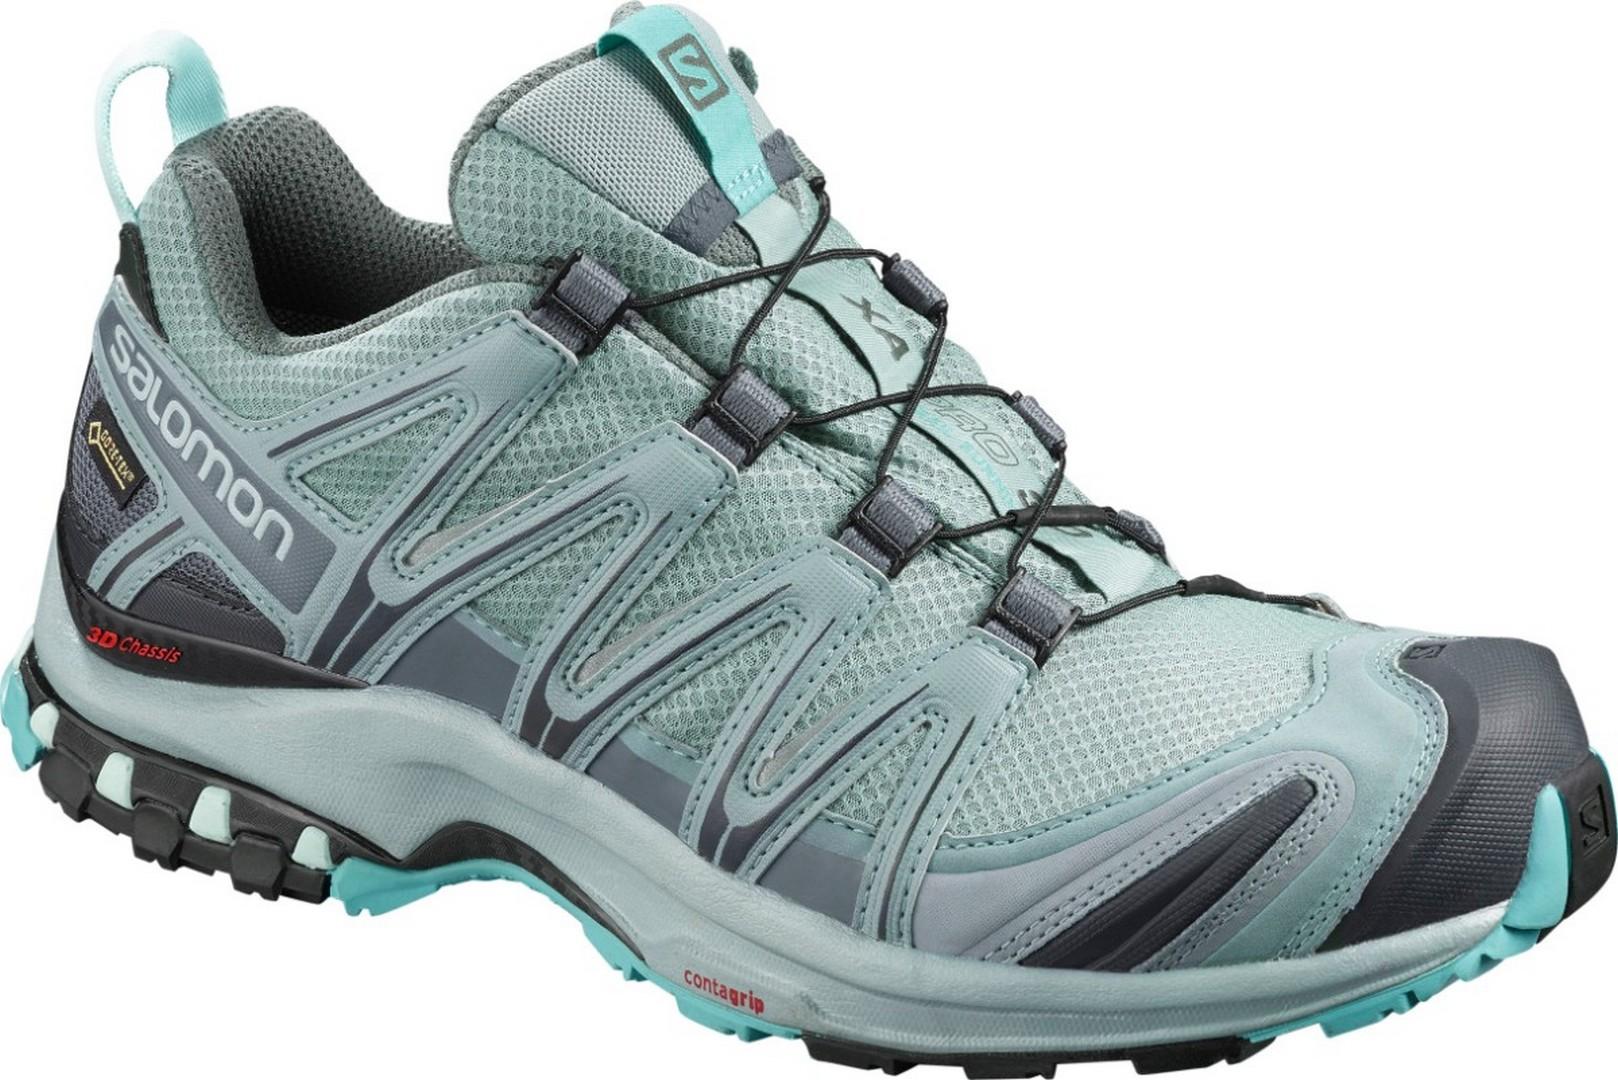 Salomon XA PRO 3D GTX W, ženske tenisice za trčanje, zelena